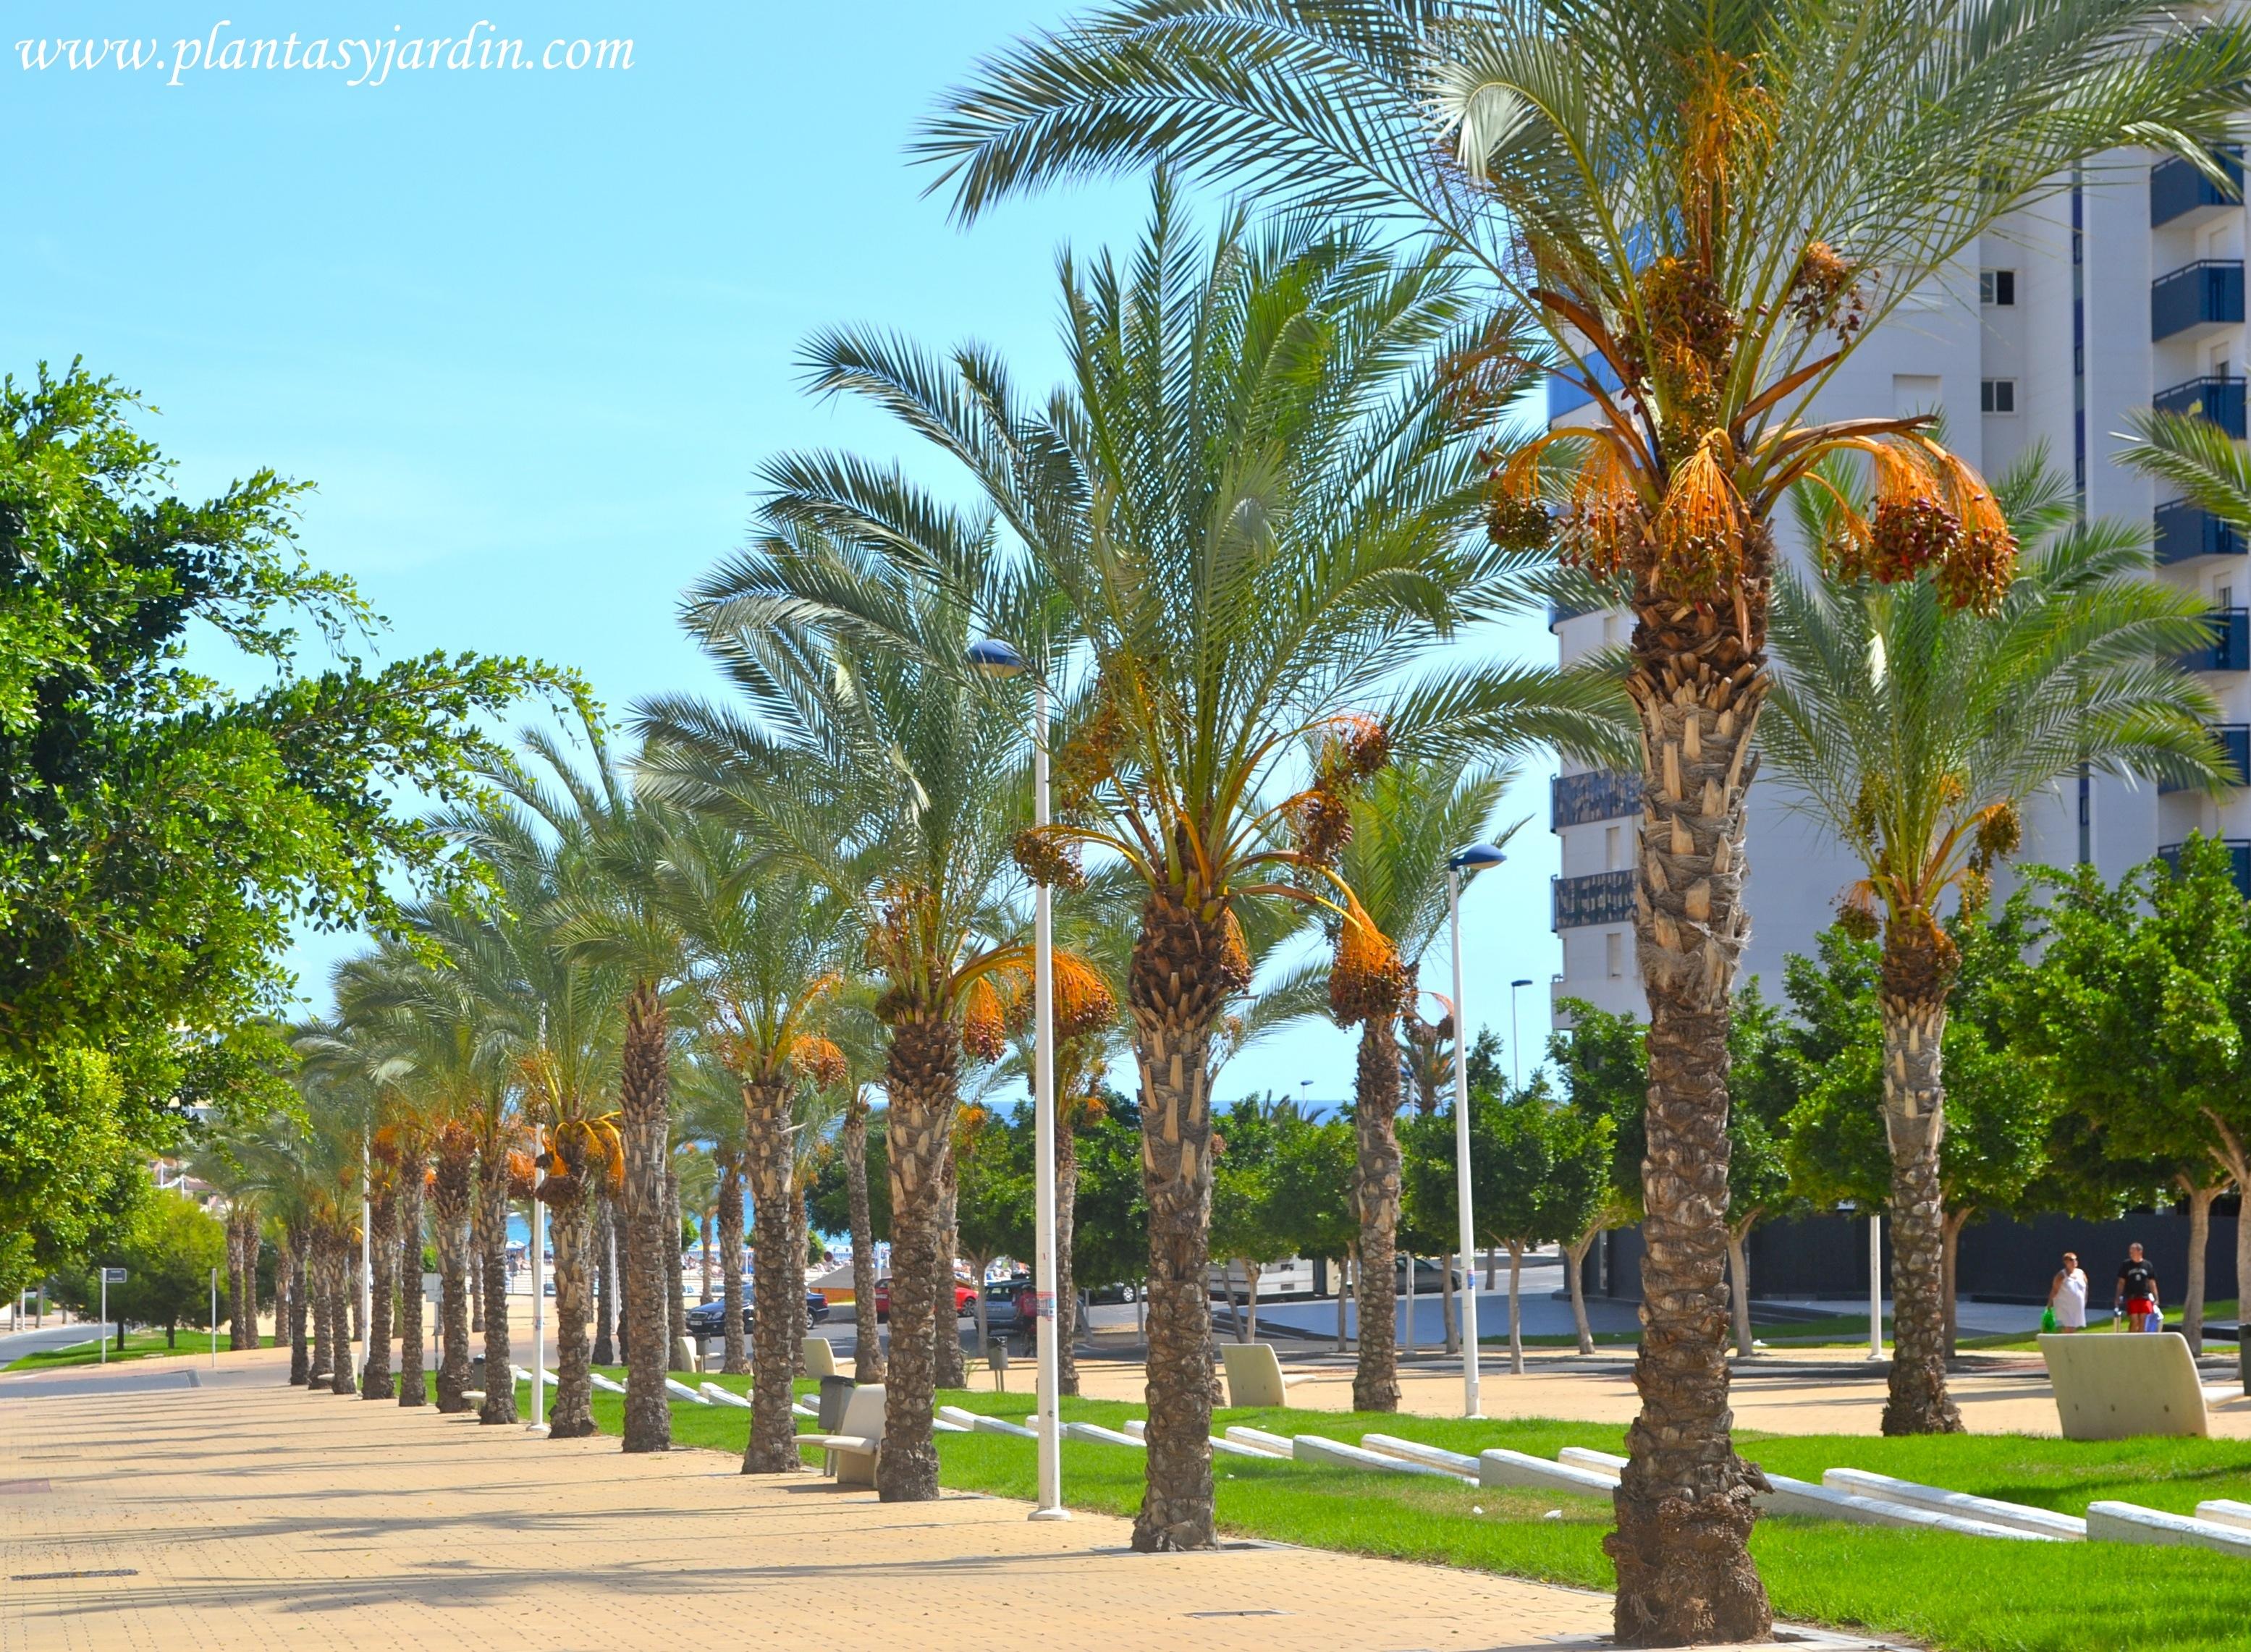 Palmeras caracter sticas generales plantas y jard n - Plantas de interior palmeras ...